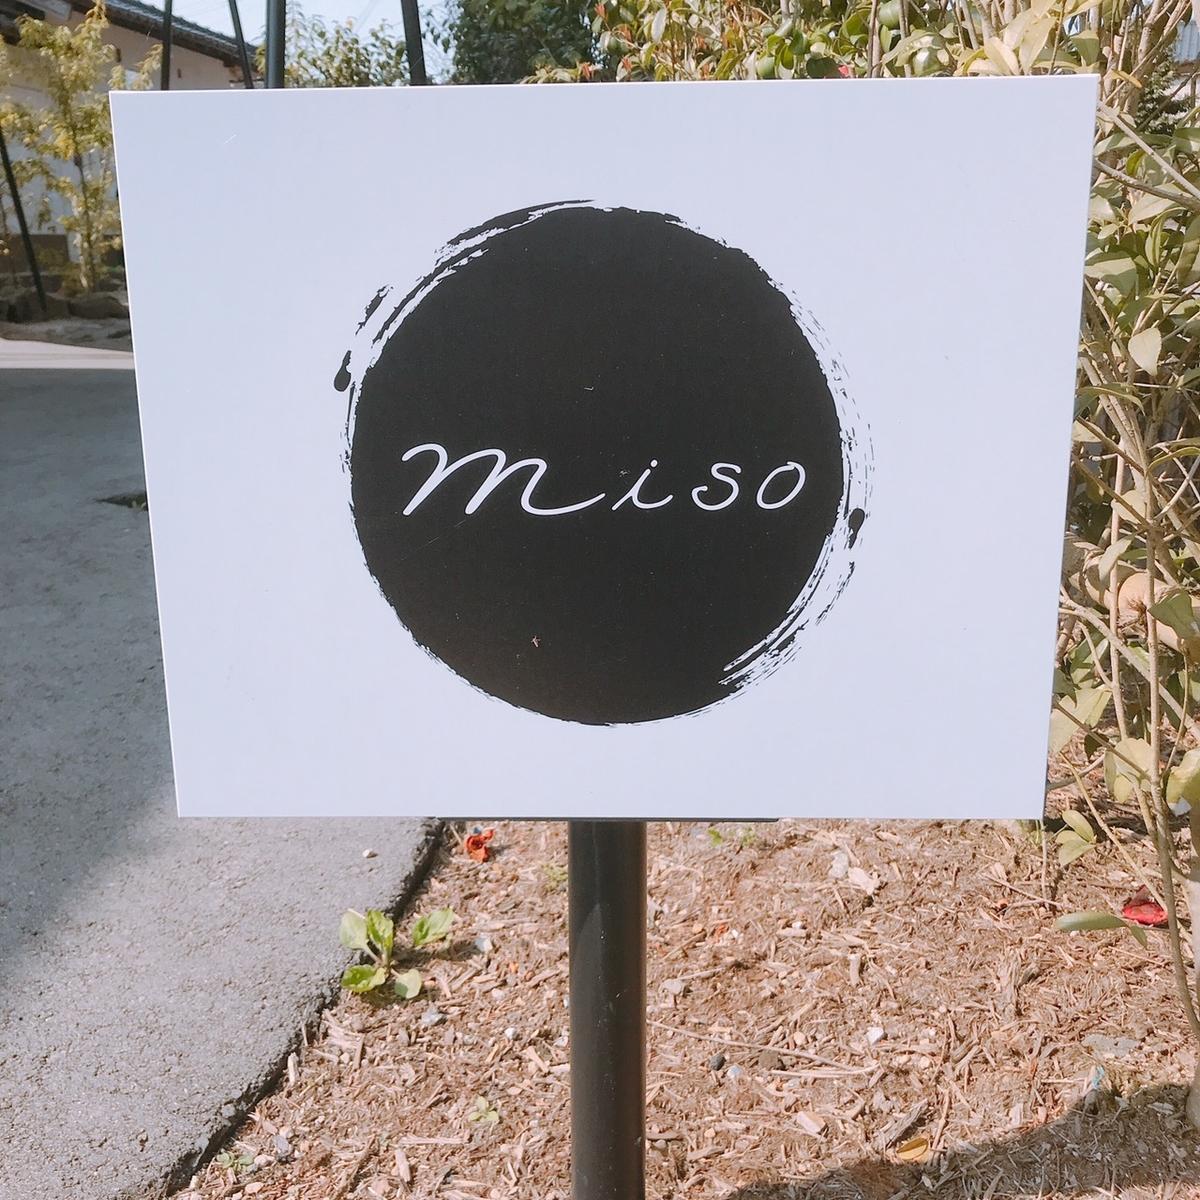 misoロゴ写真